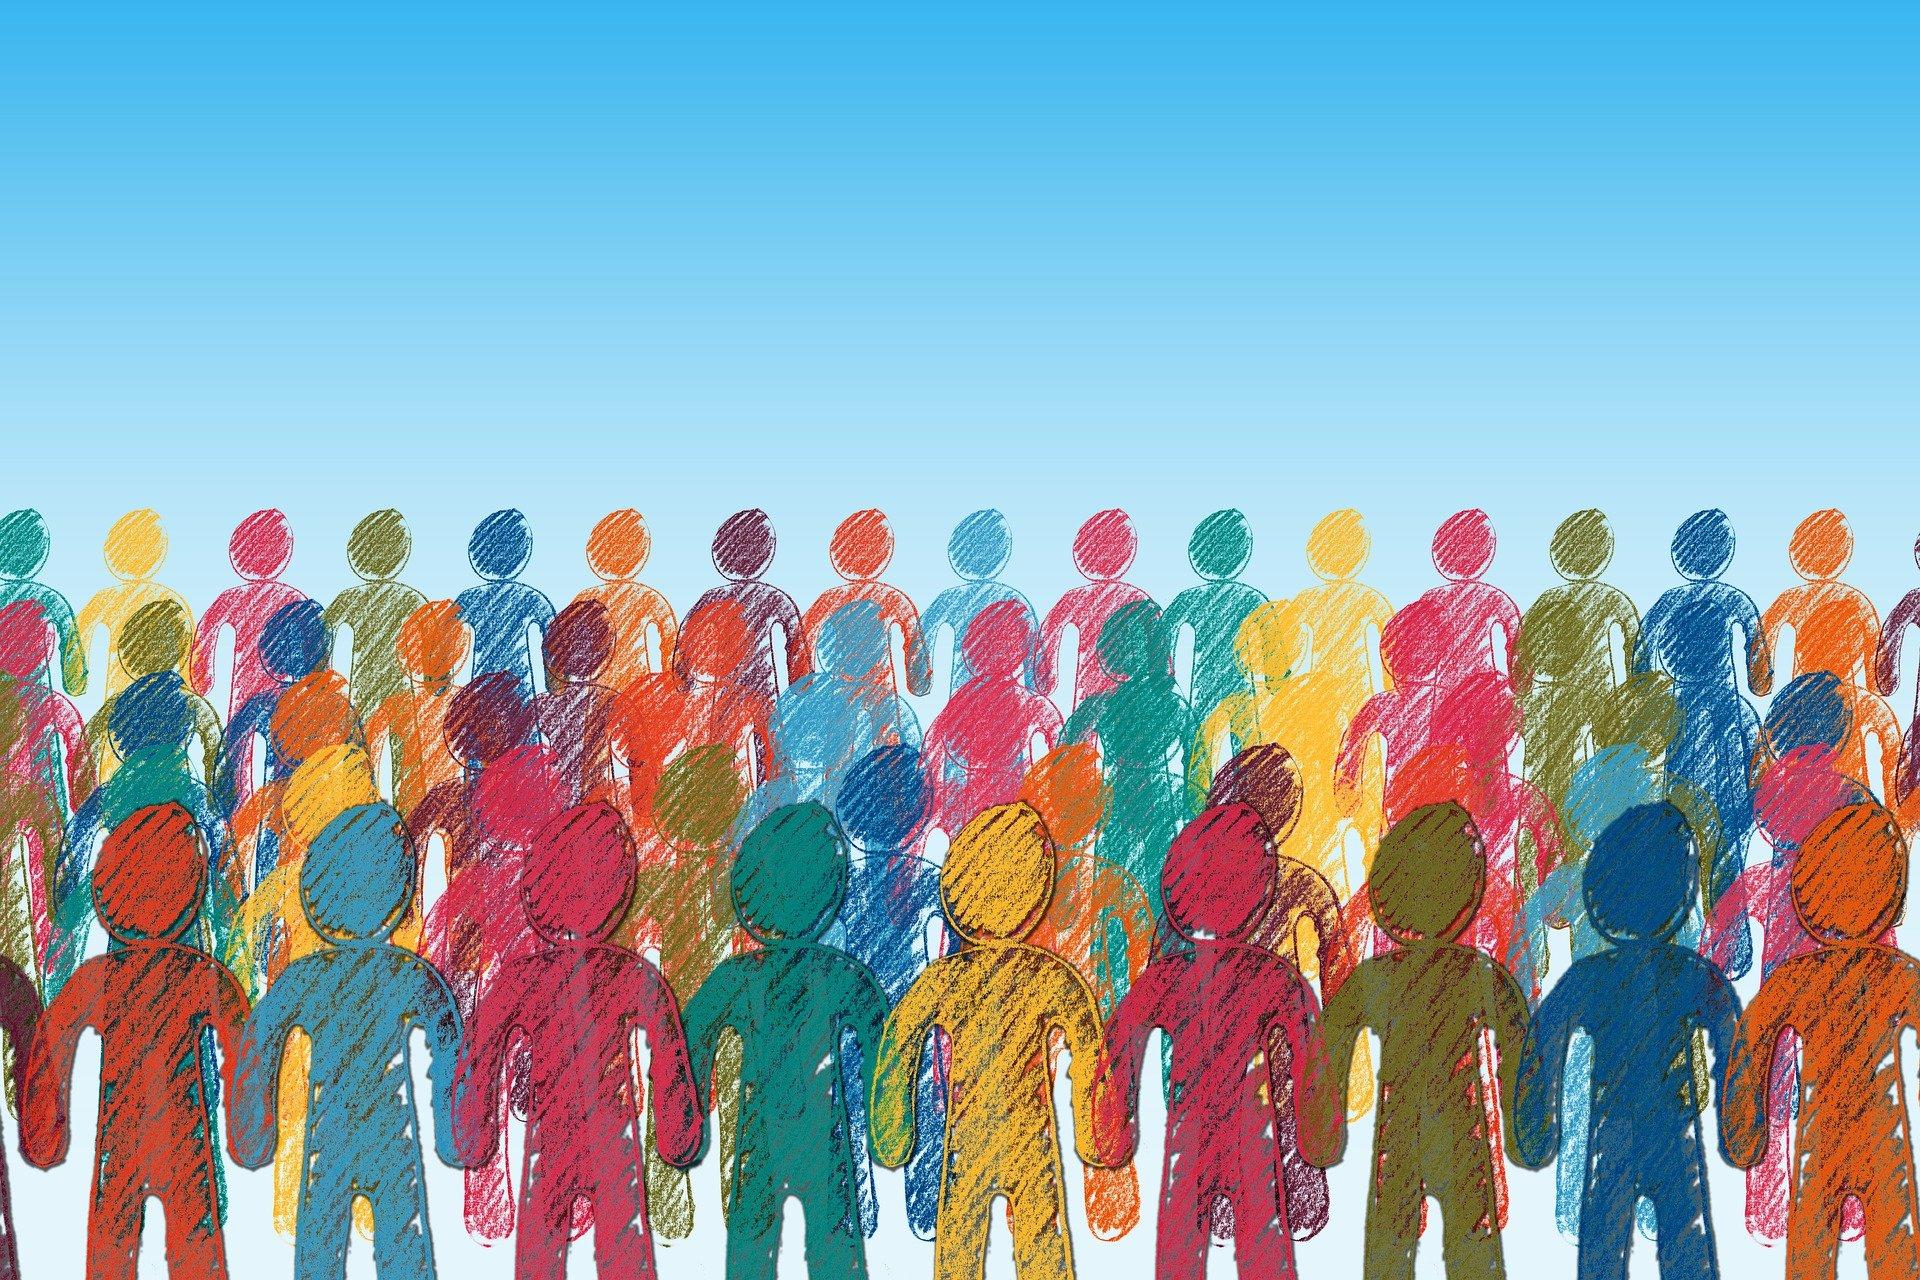 La Pandemia Acentúa Las Desigualdades Entre Los Más Vulnerables